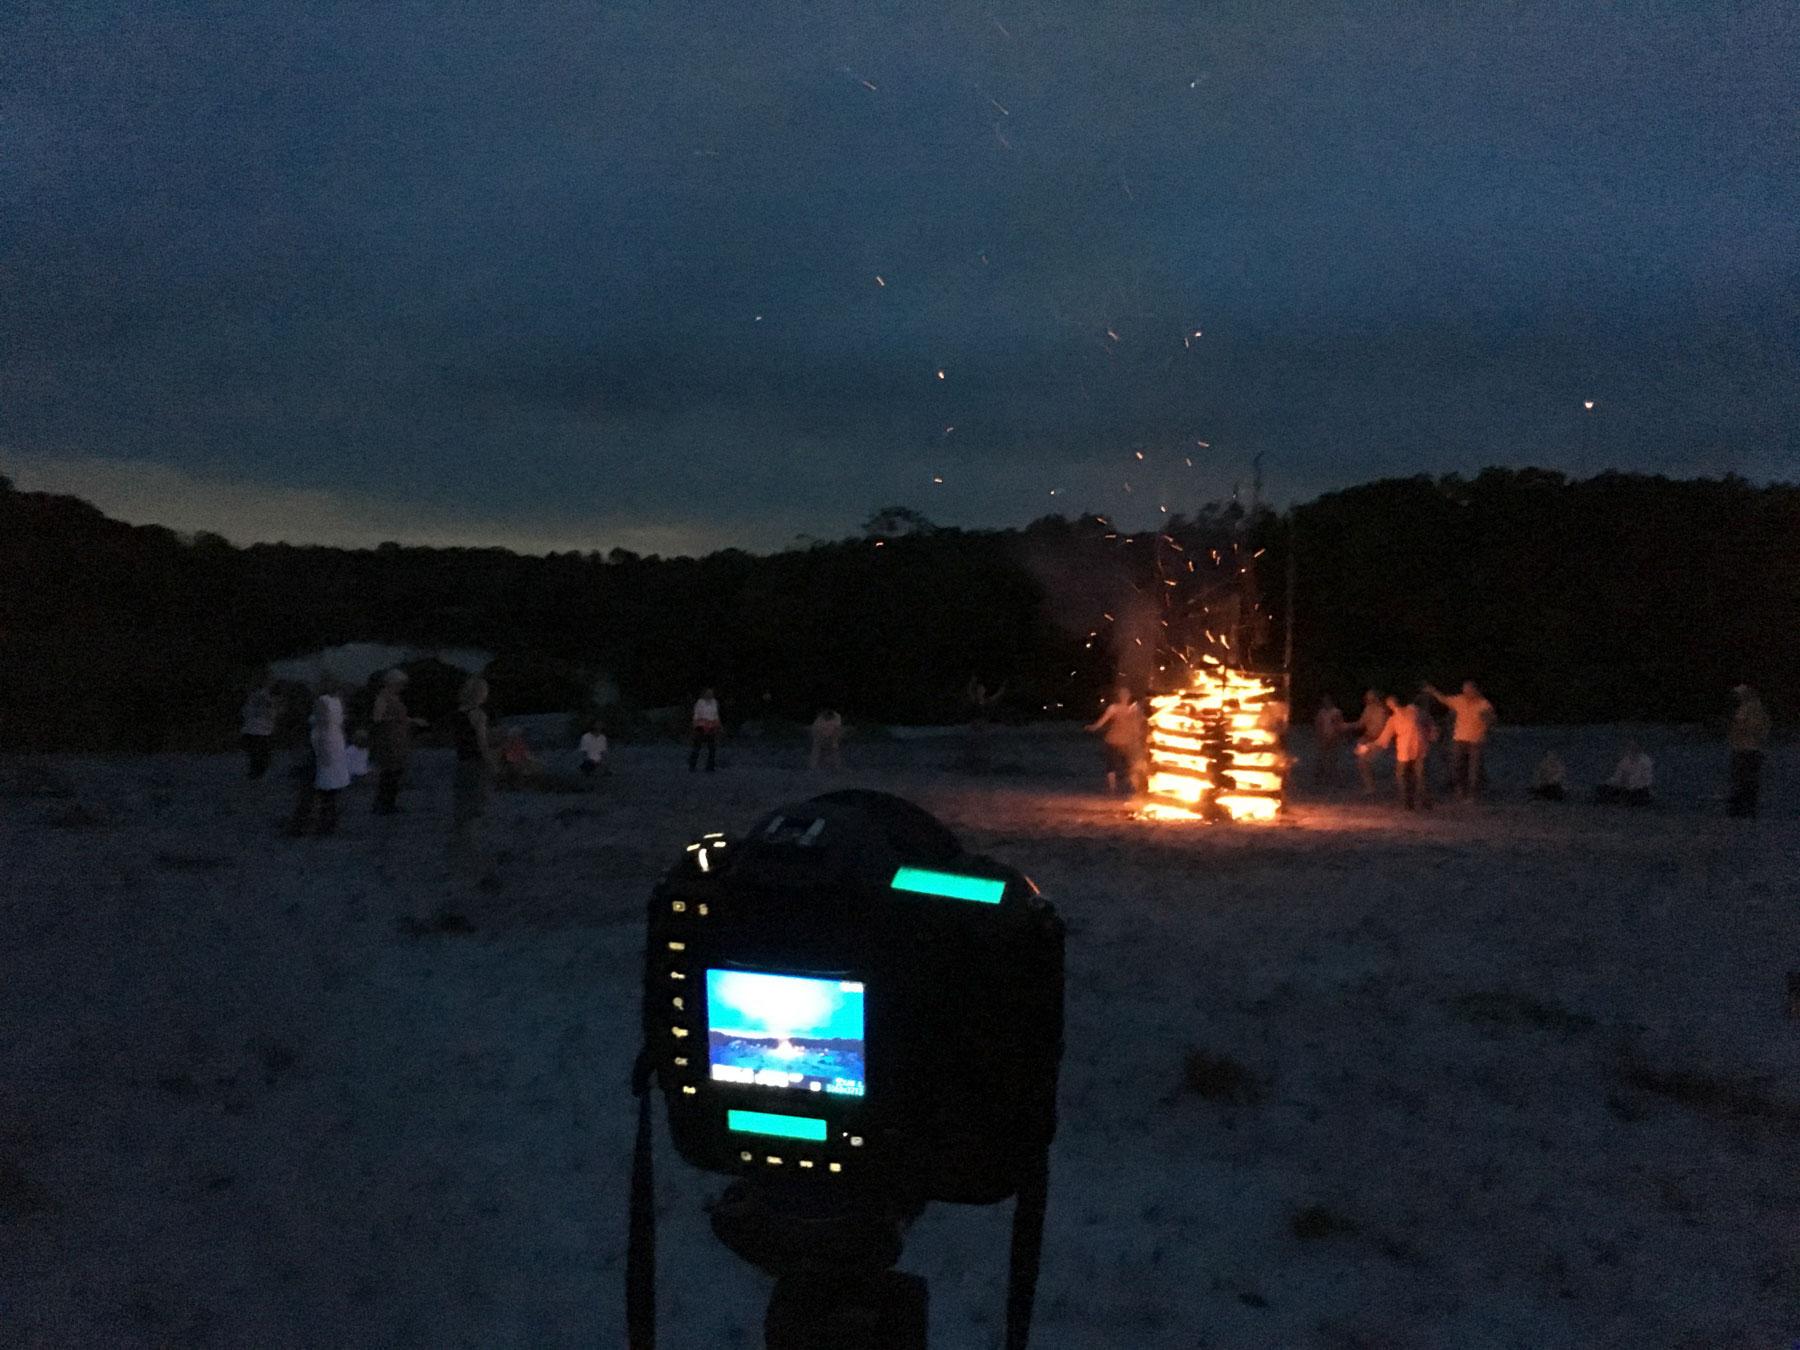 nächtliches Foto eines großen Feuers, das von einer leuchtenden Digitalkamera aufgenommen wird